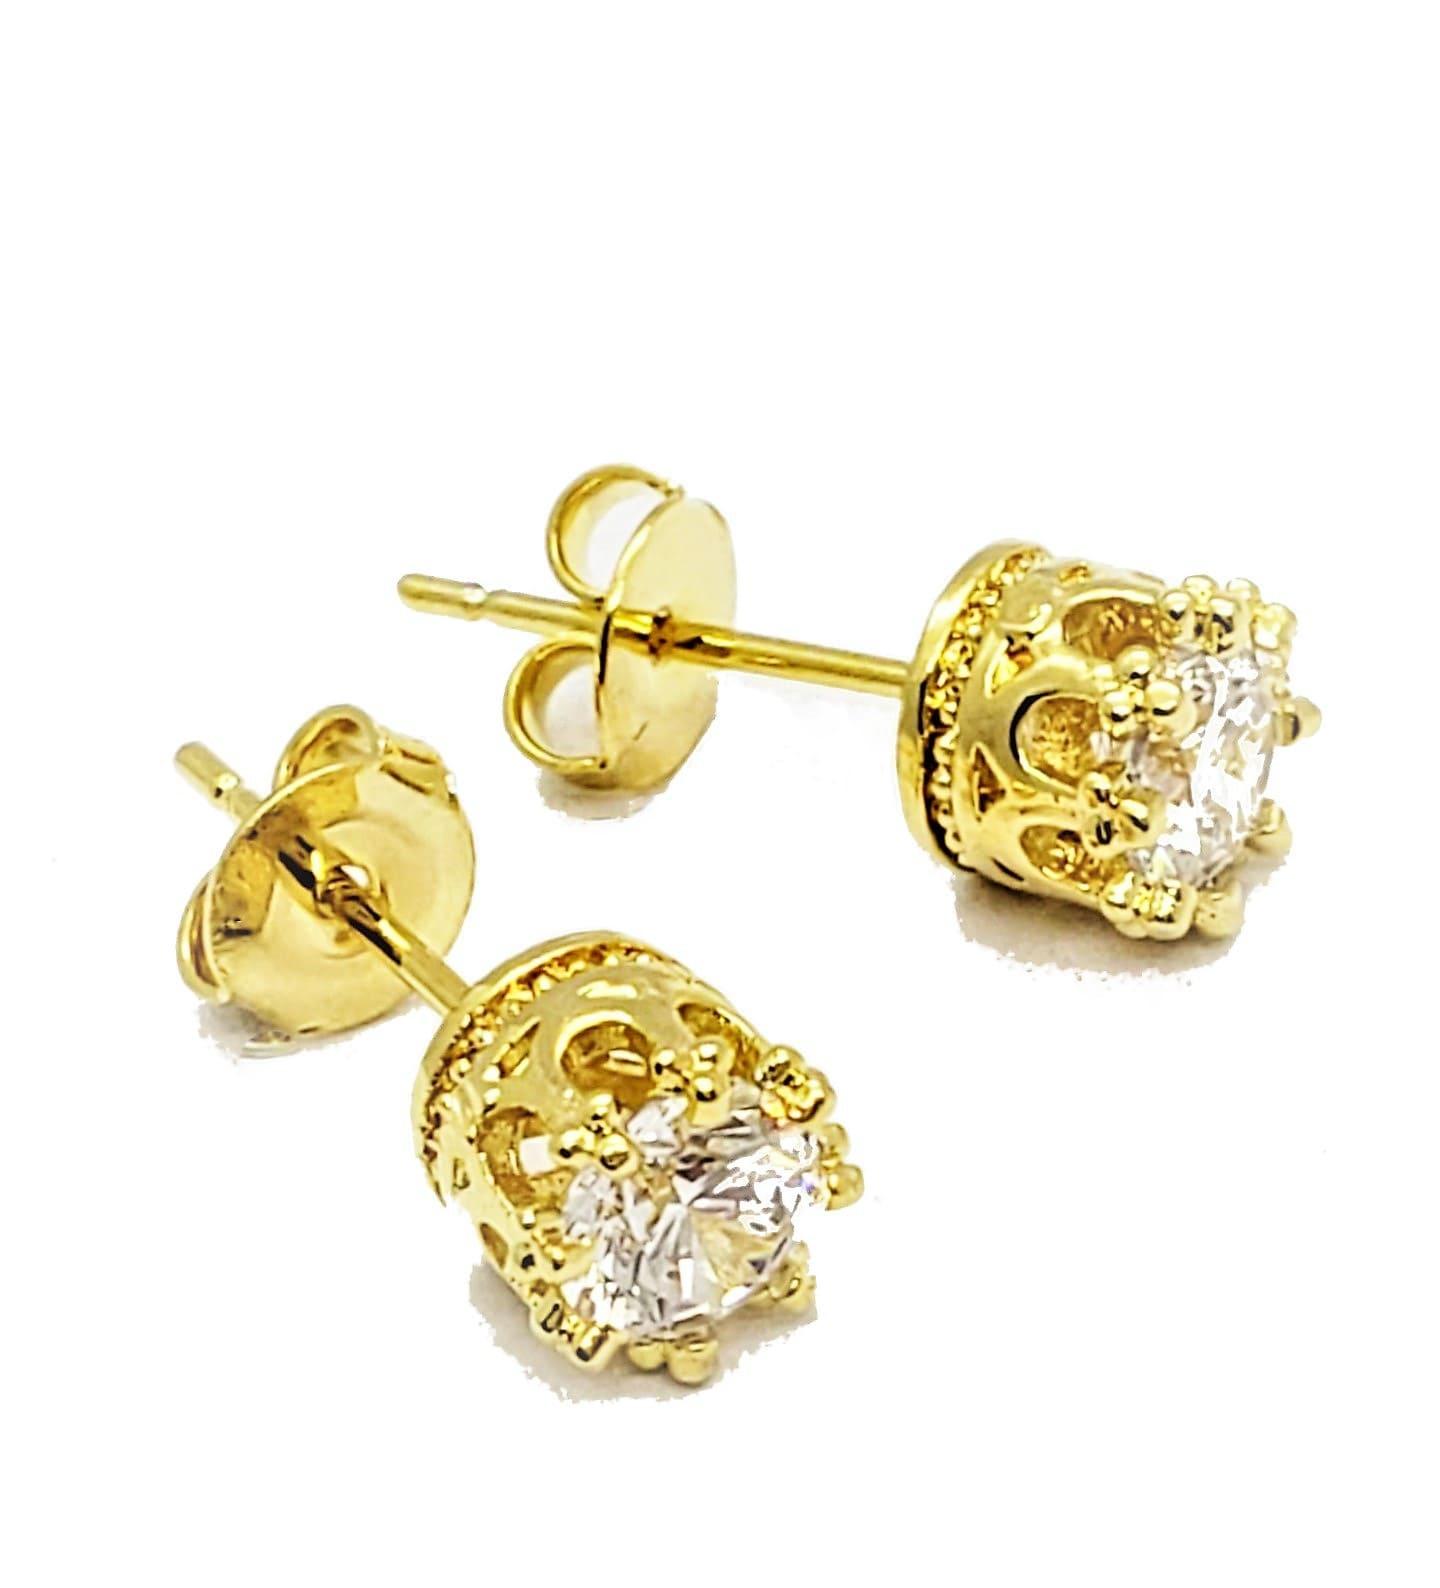 Brincos Coroa Solitário Zirconia Cristal Banho Ouro 18k 4529